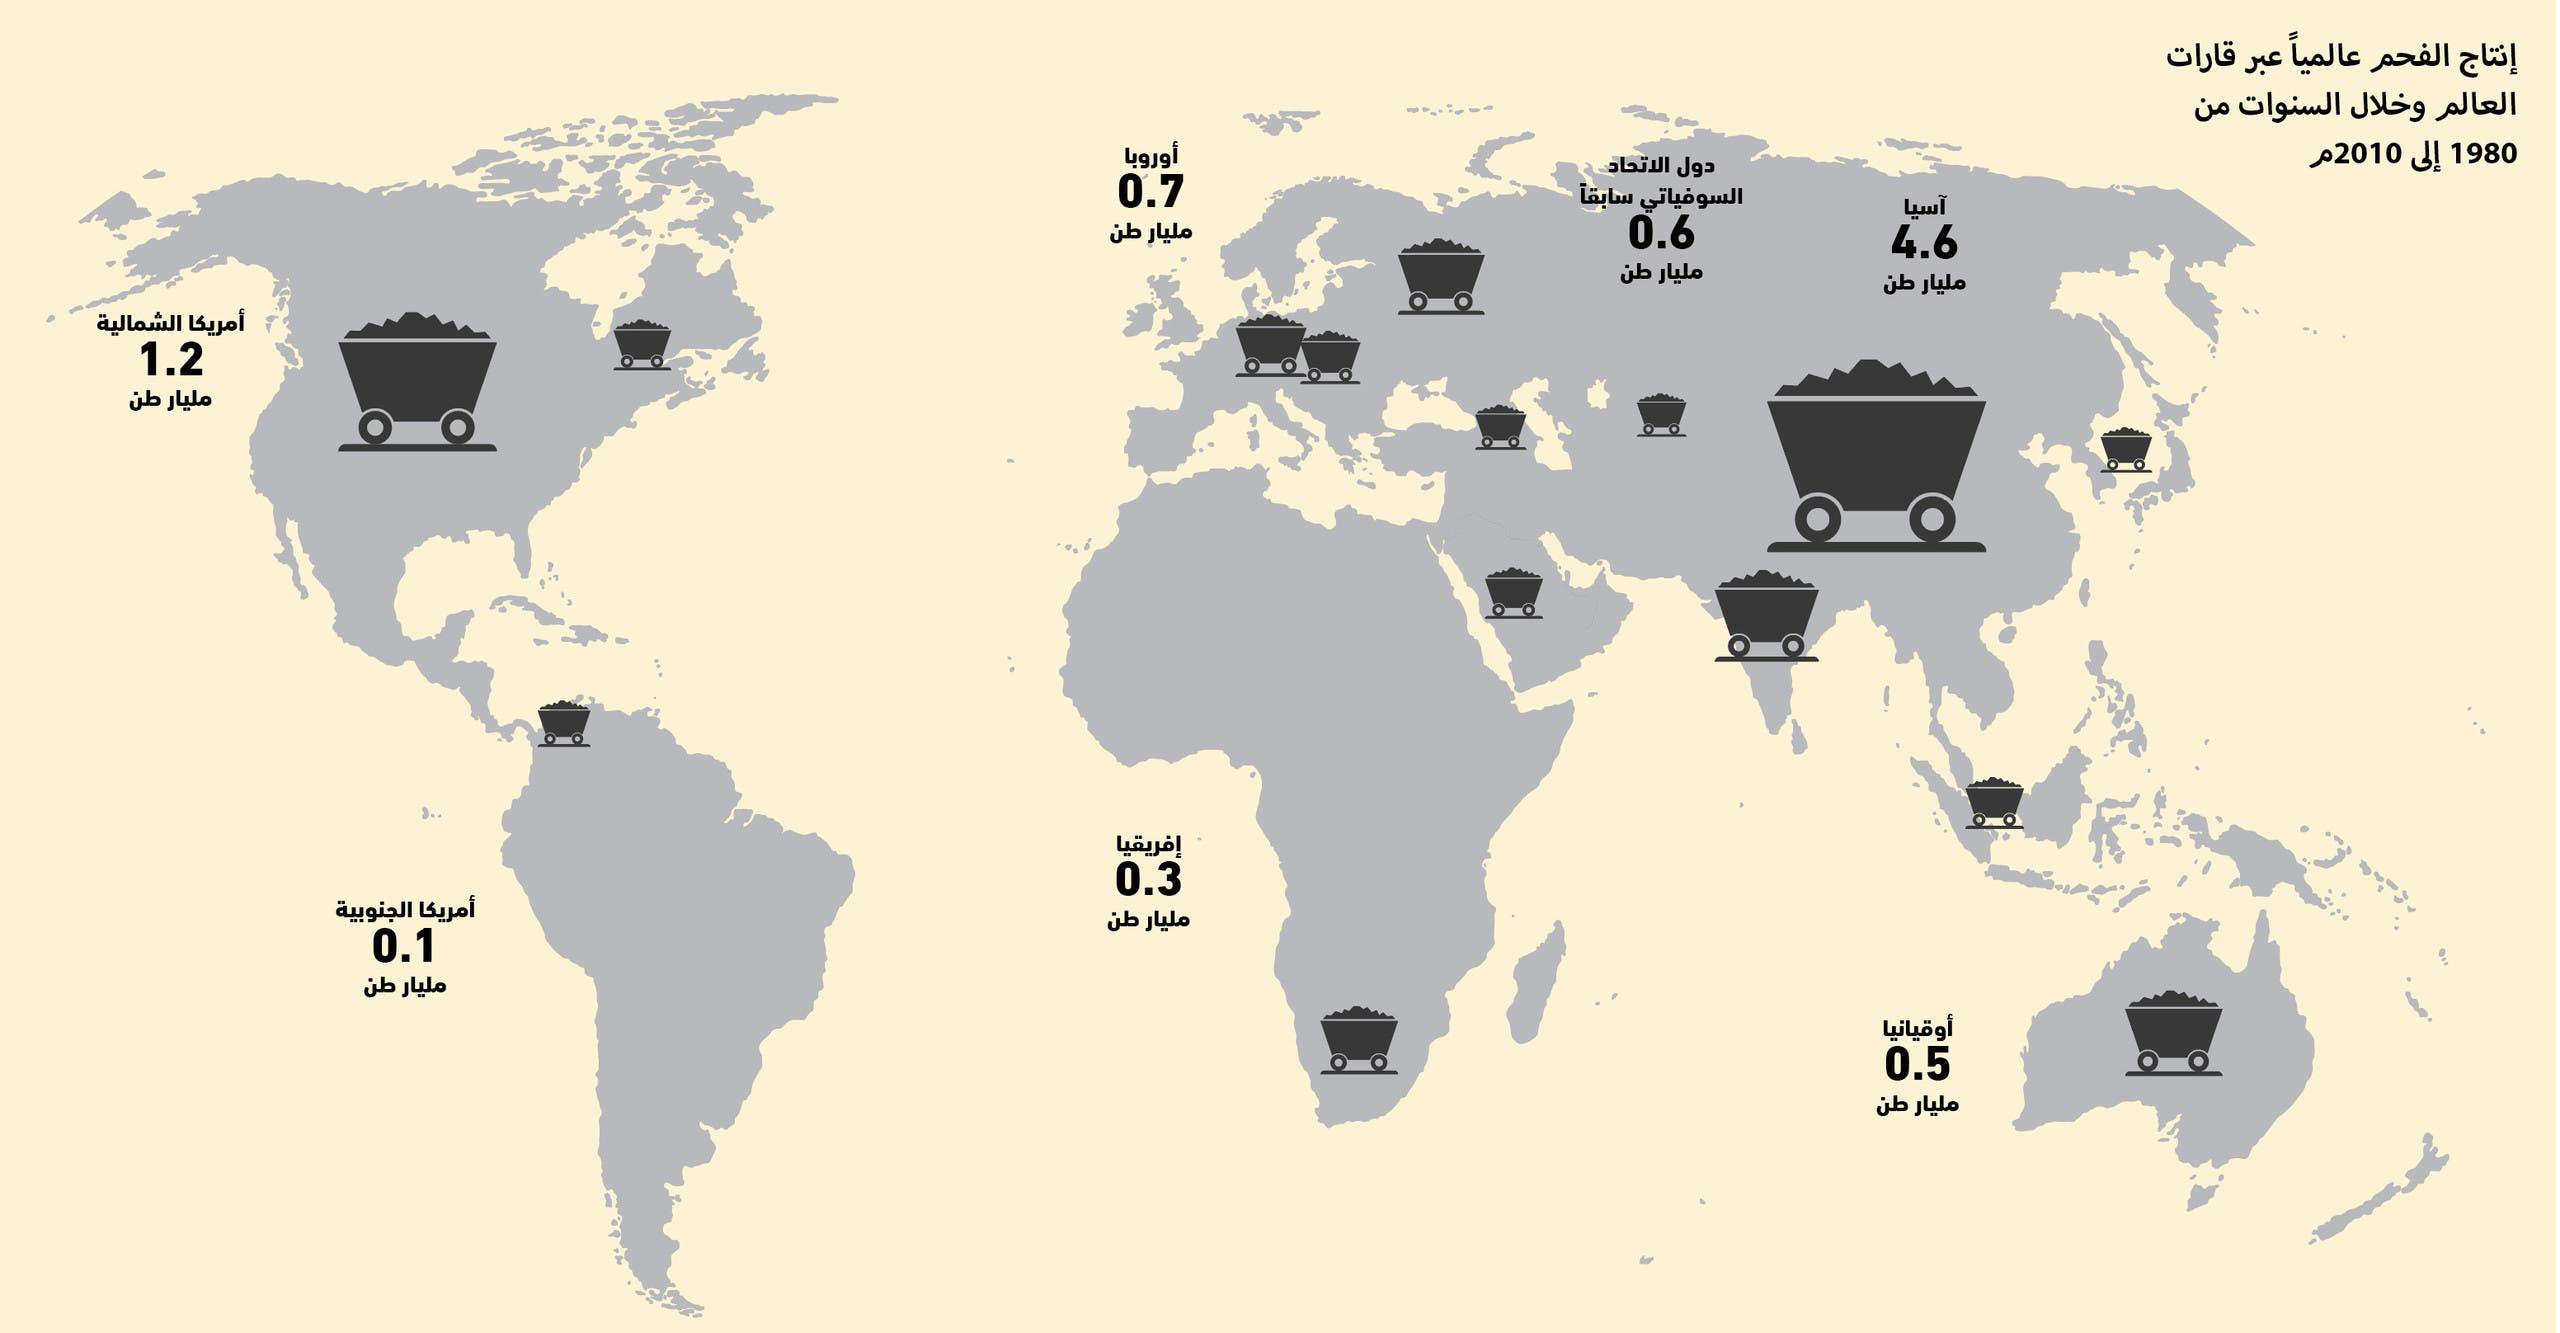 إنتاج الفحم عالمياً عبر قارات العالم وخلال السنوات من 1980 إلى 2010م